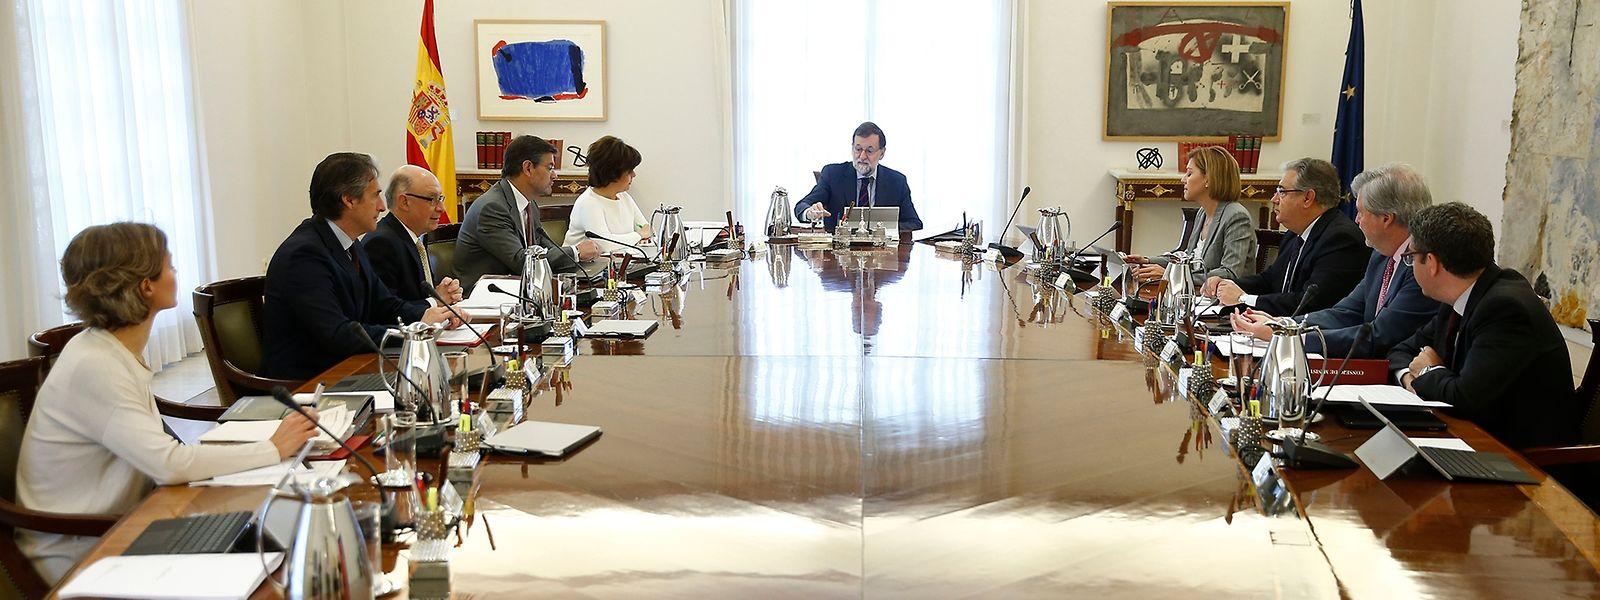 Madrid: Das von der spanischen Regierung zur Verfügung gestellte Foto zeigt Mariano Rajoy (M), Ministerpräsident vonSpanien, bei einer außerordentlichenSitzung des Kabinetts.